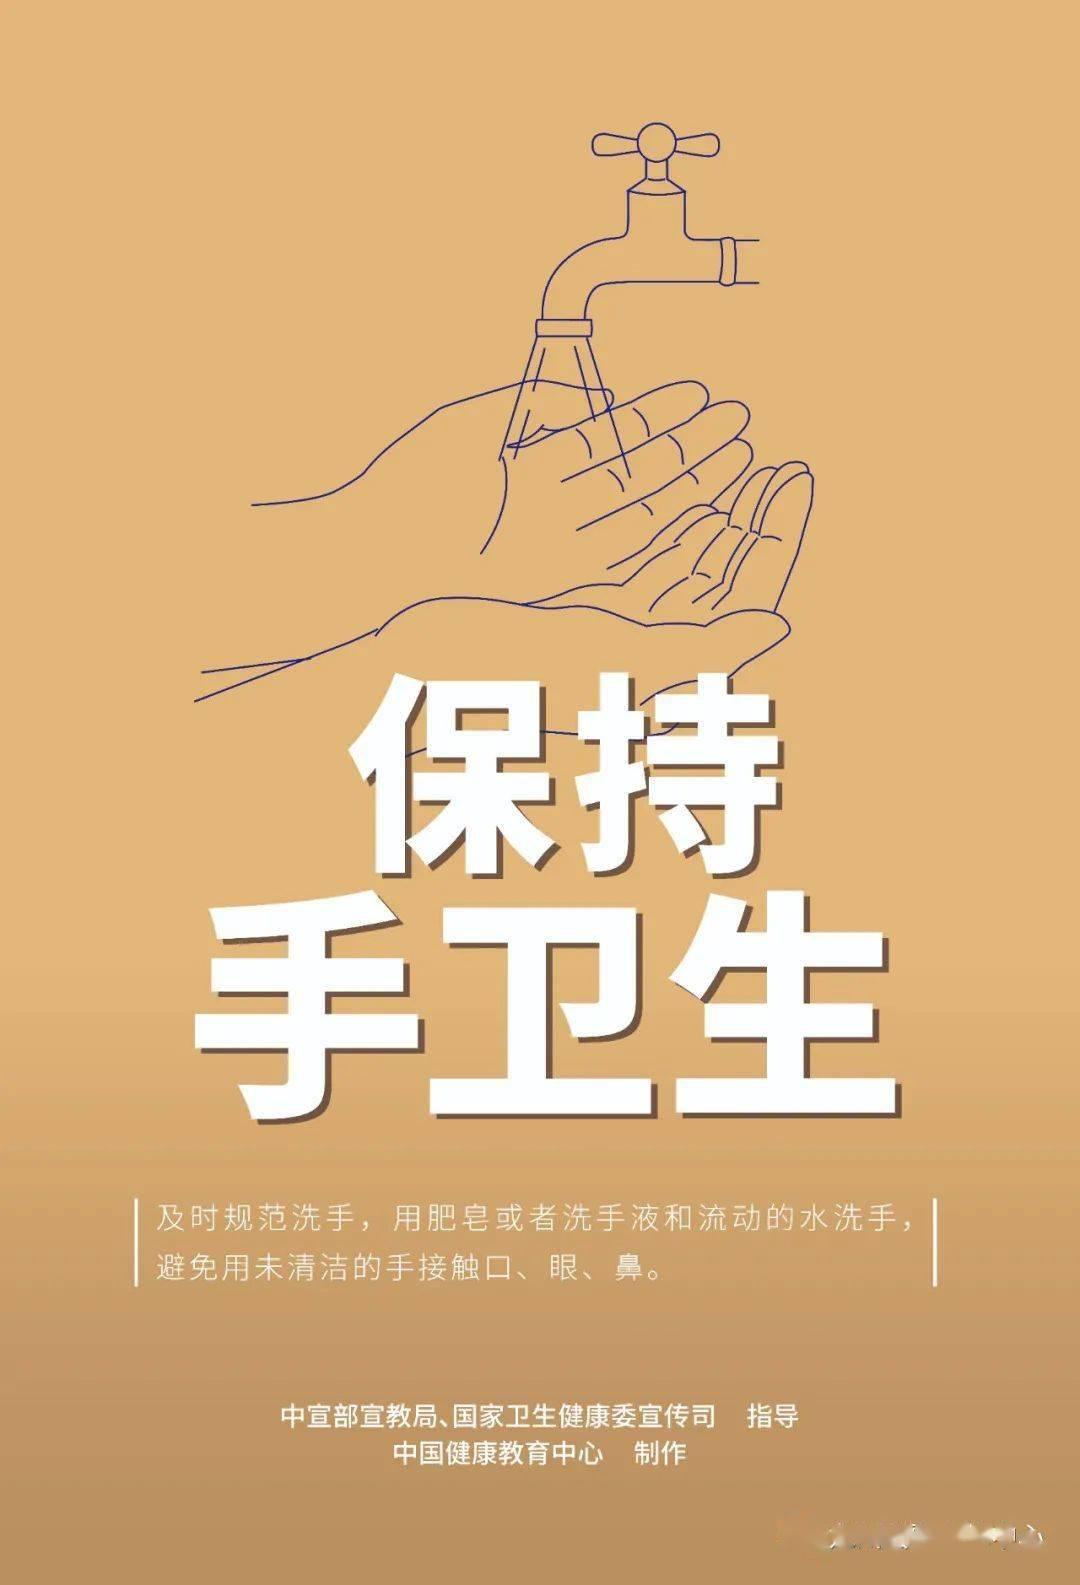 【我为群众办实事】龙州 | 彬桥乡:医保政策宣传 服务零距离